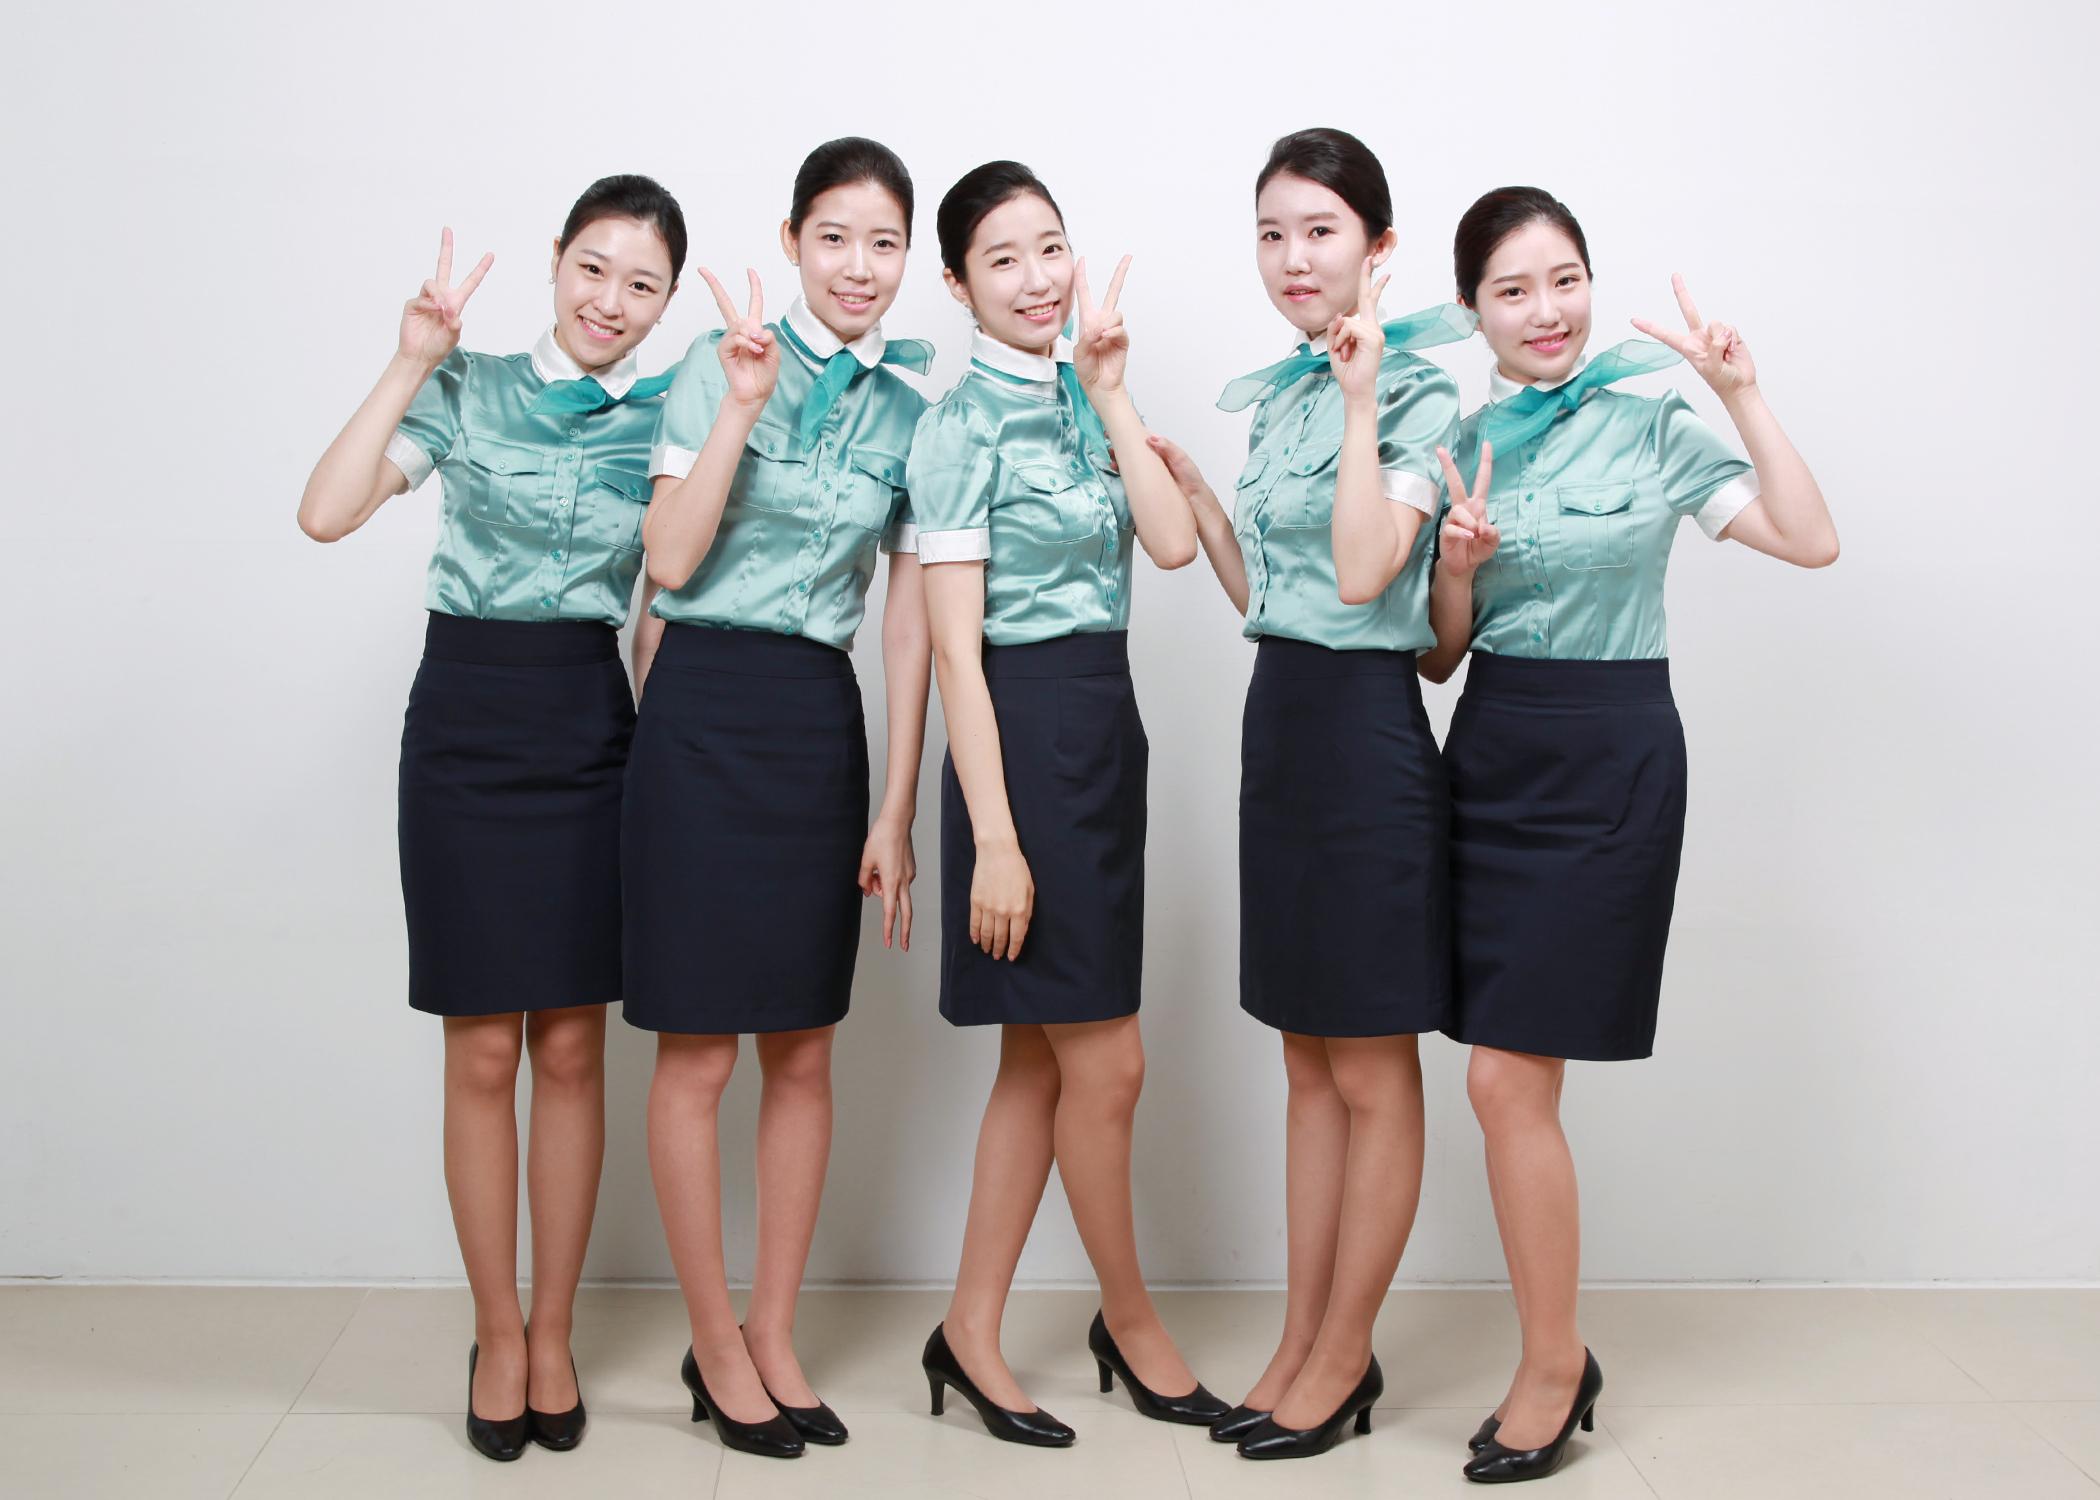 [항공서비스] 항공서비스 예비승무원